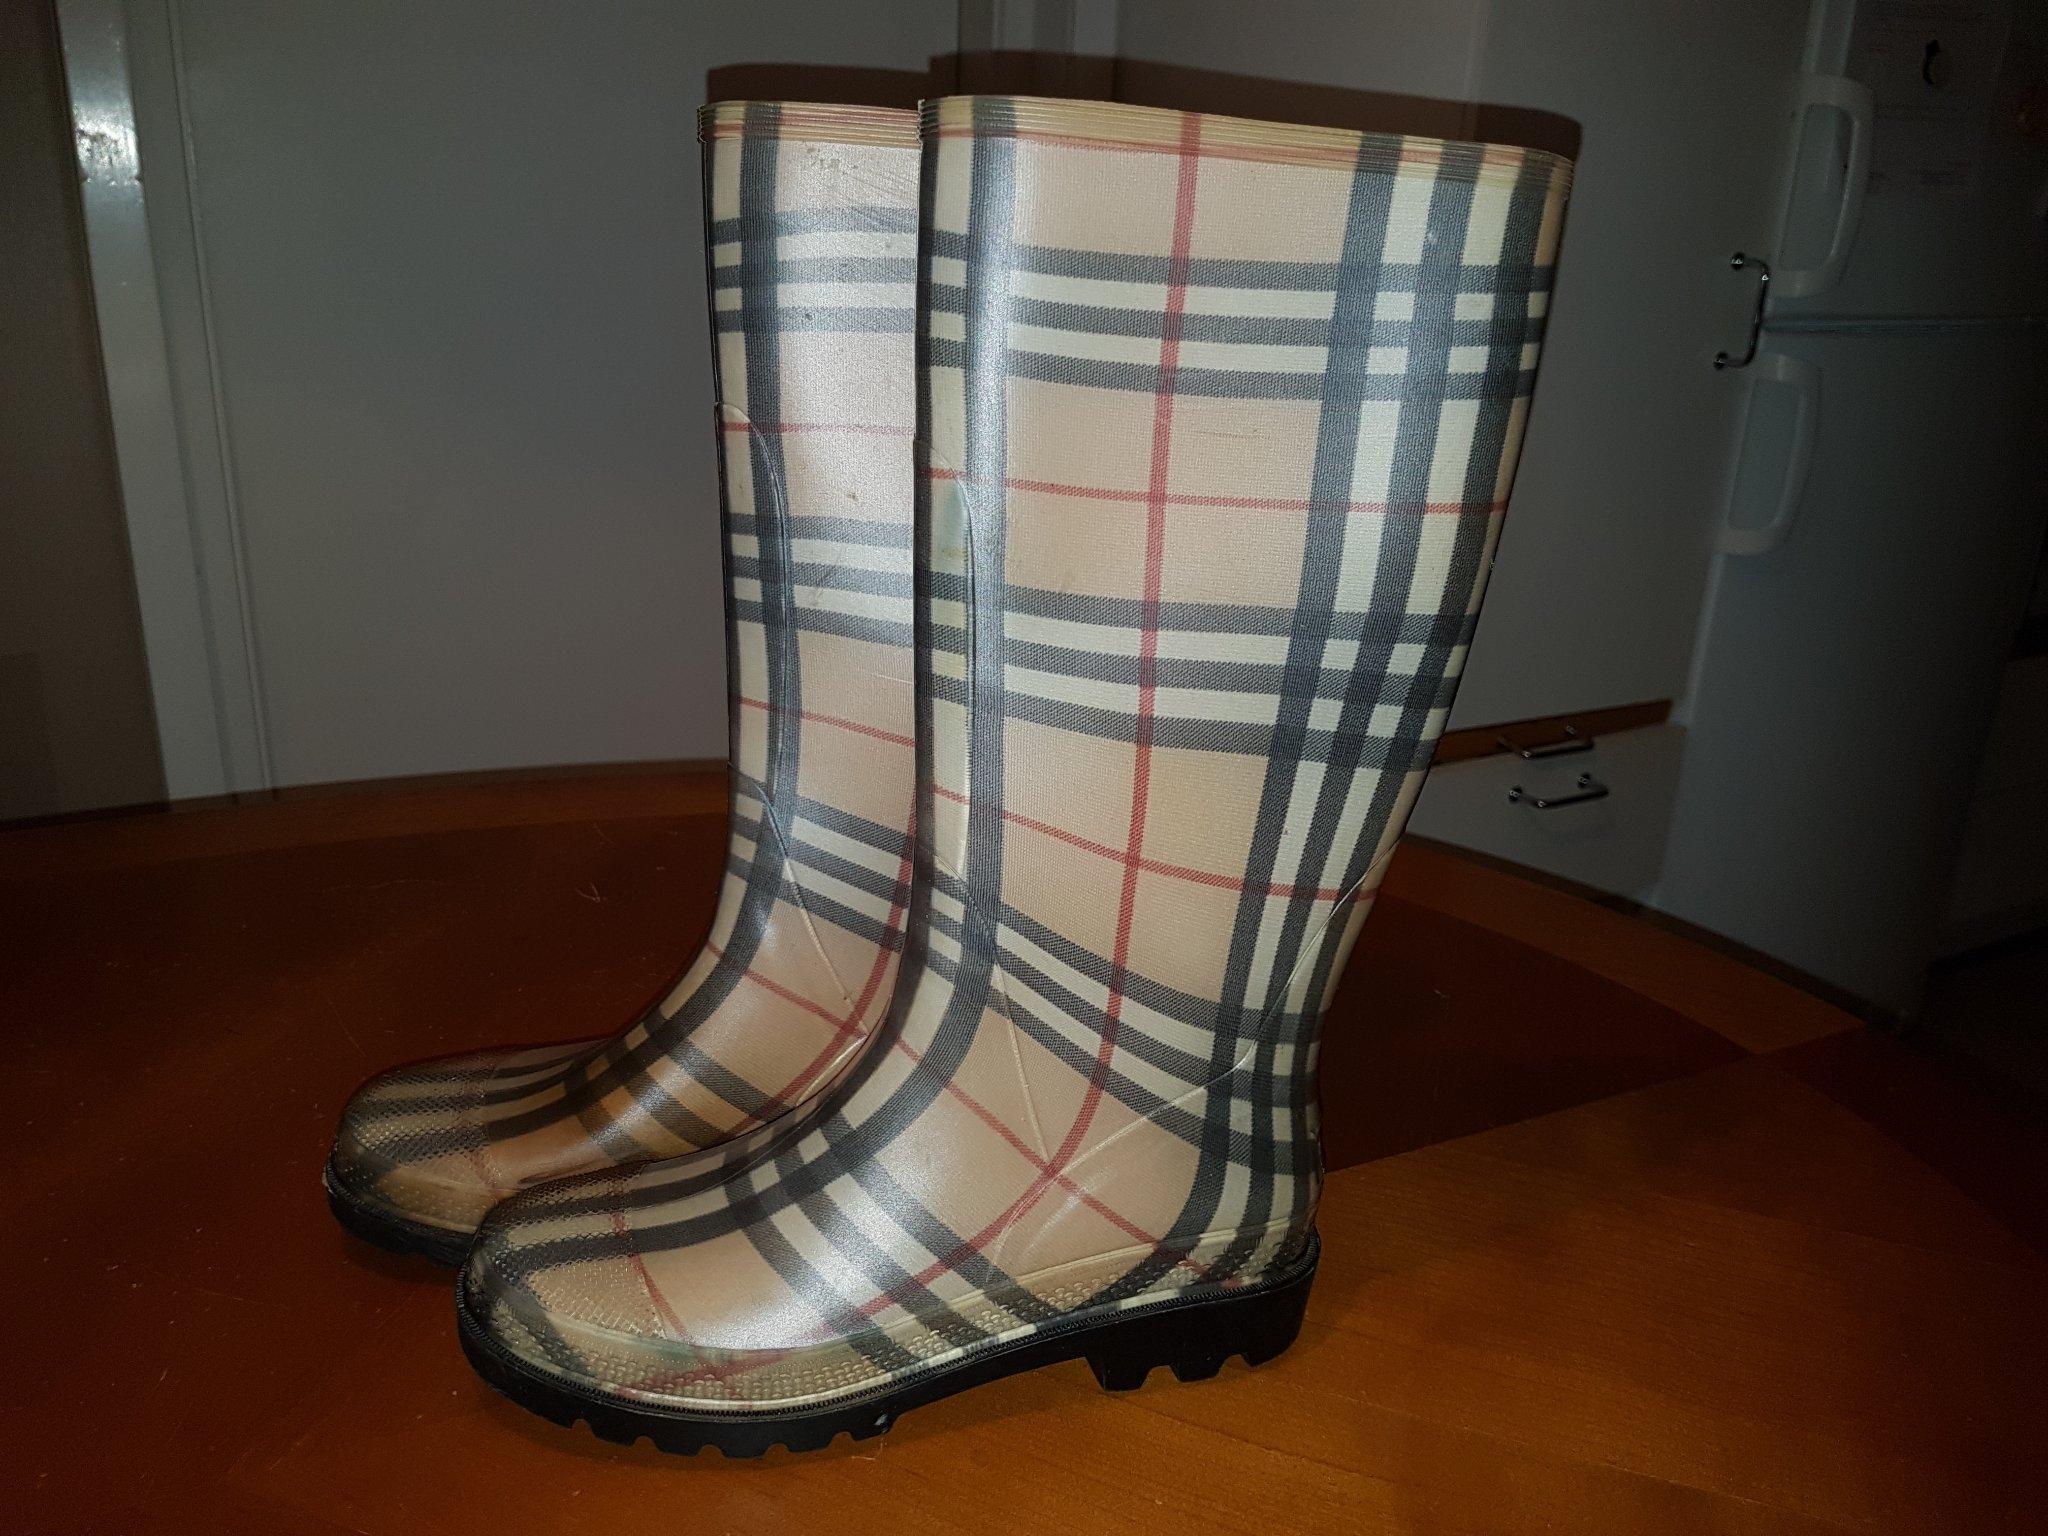 Burberry gummistövlar Storlek 39 (364626800) ᐈ Köp på Tradera